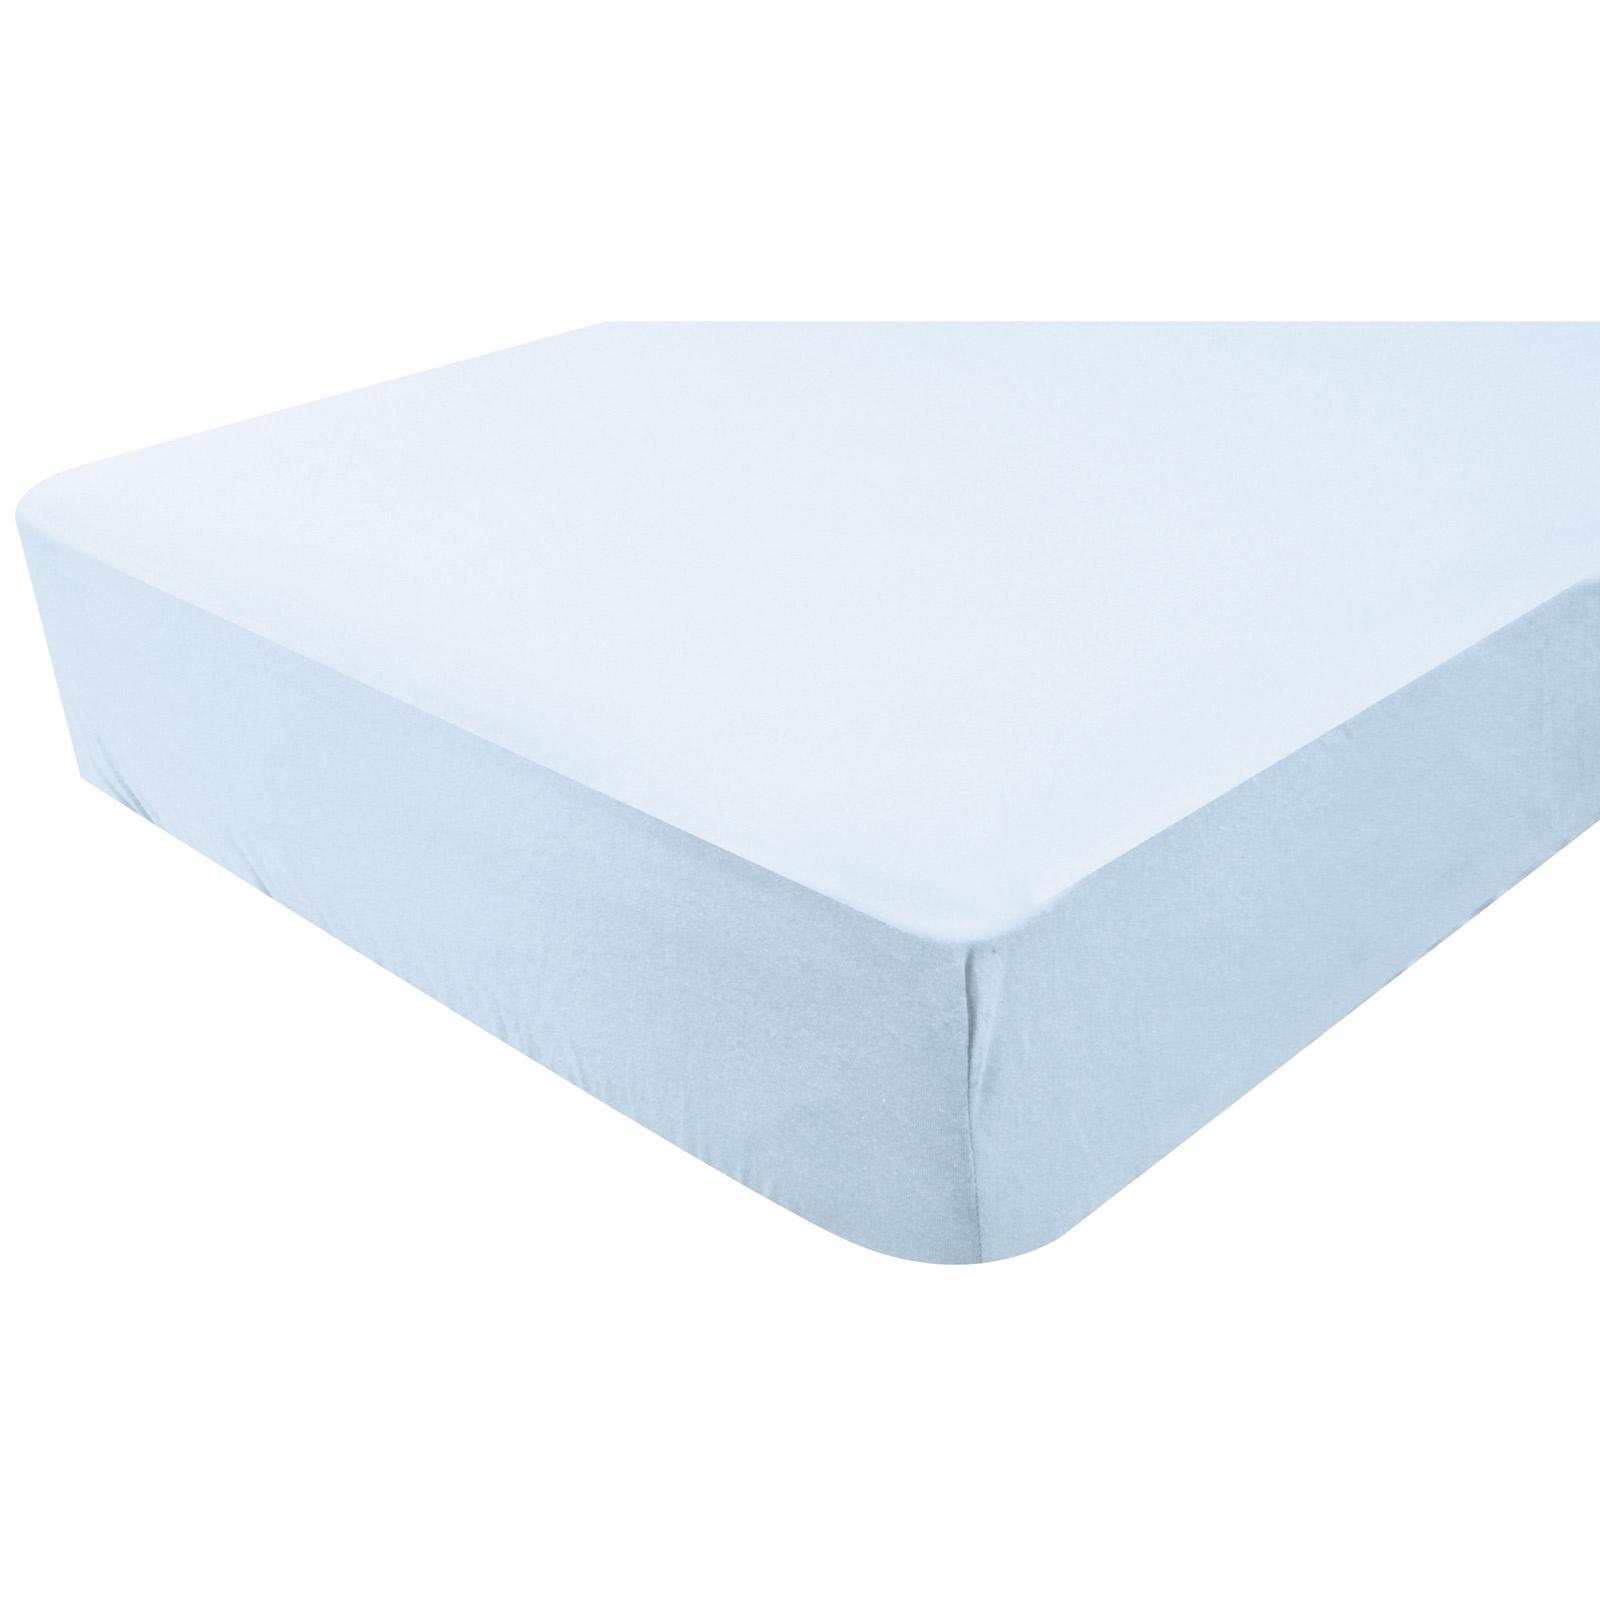 drap housse imperm able bleu doux nid mod le 60x120 cm. Black Bedroom Furniture Sets. Home Design Ideas